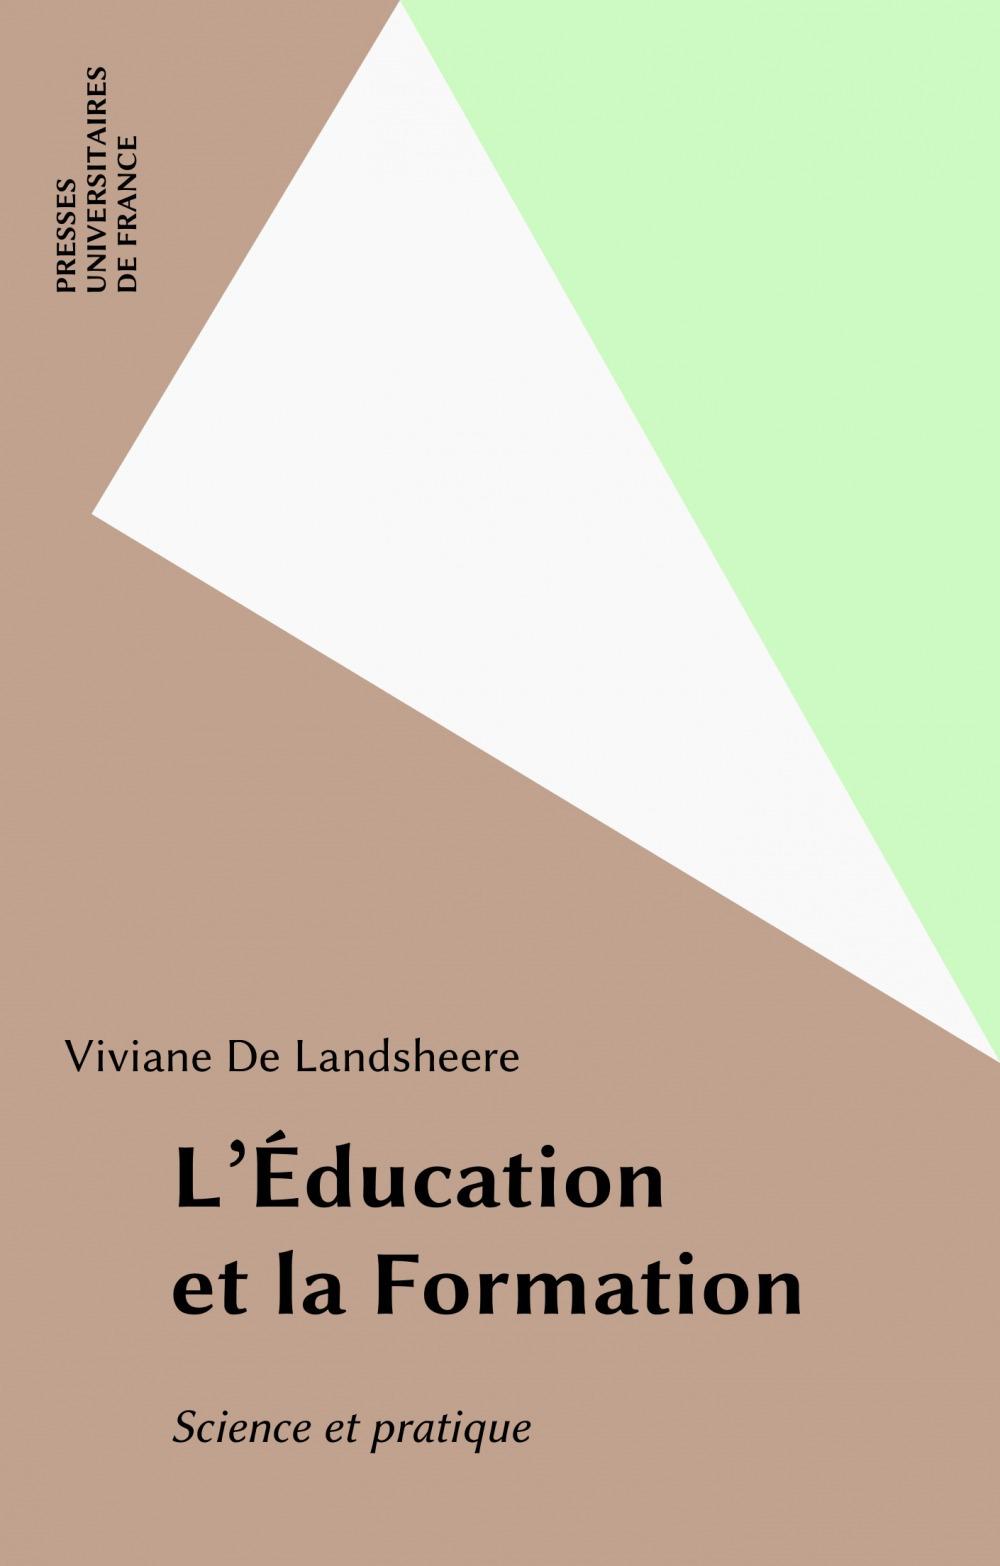 Education et la formation (l')